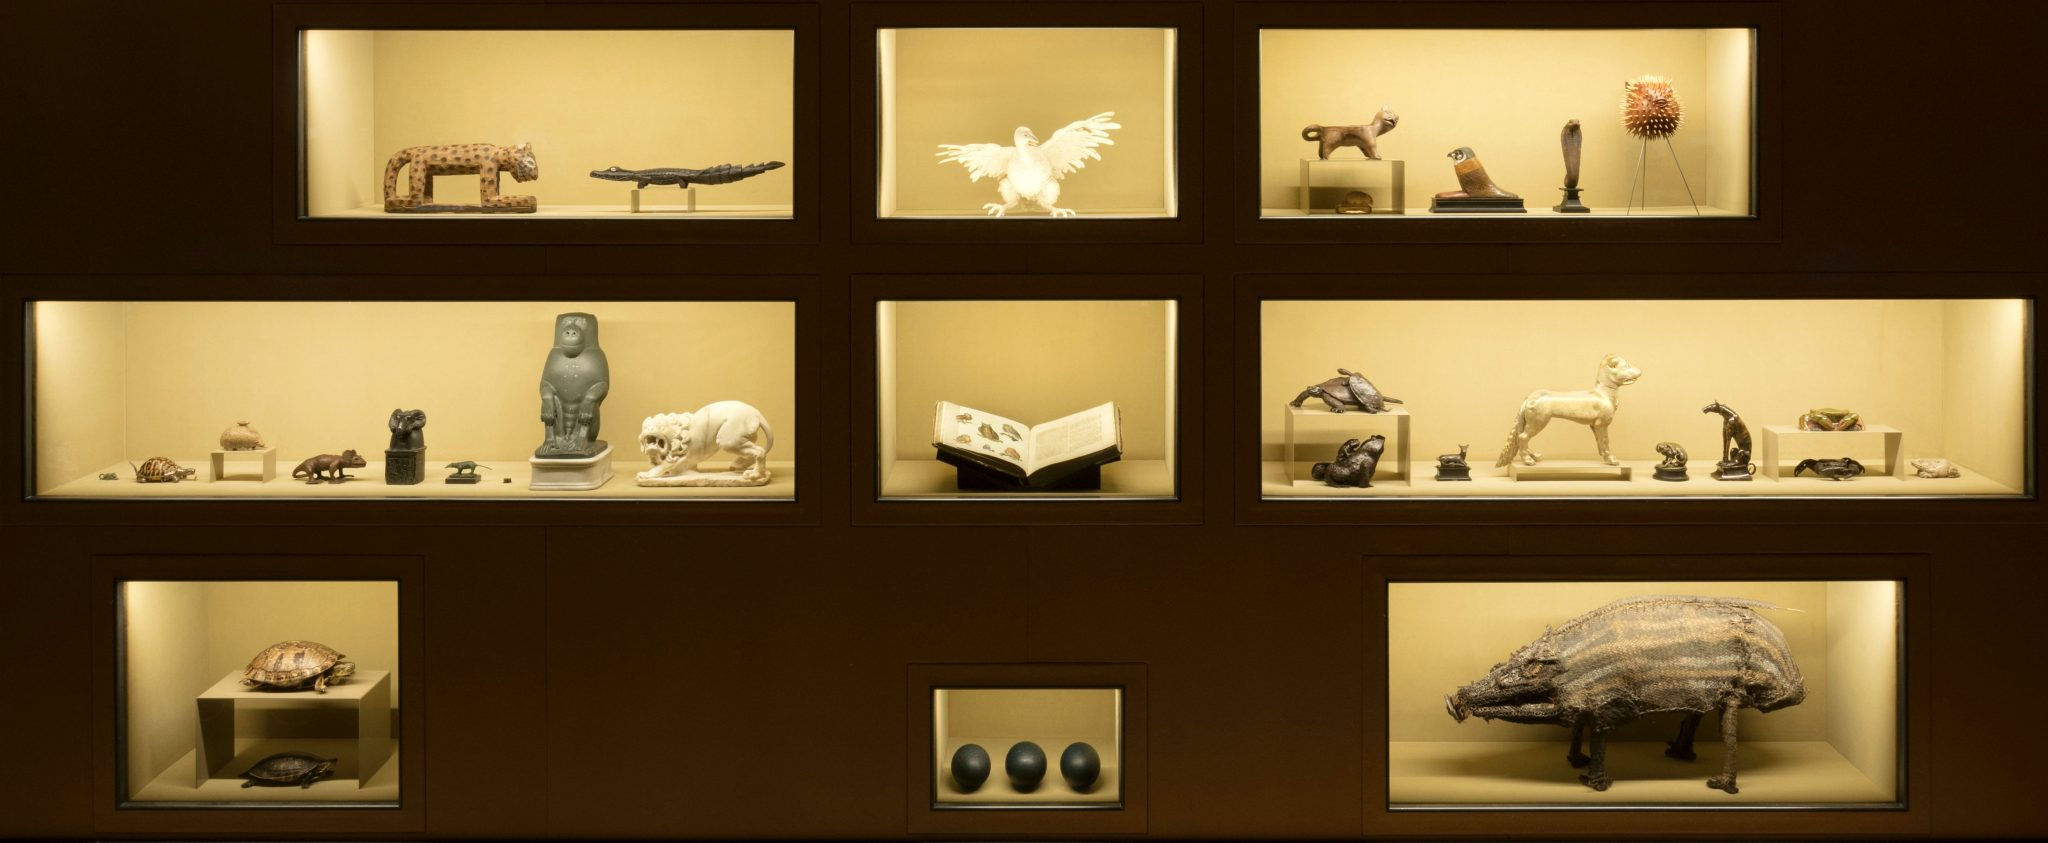 Fondazione Prada, Il sarcofago di Spitzmaus